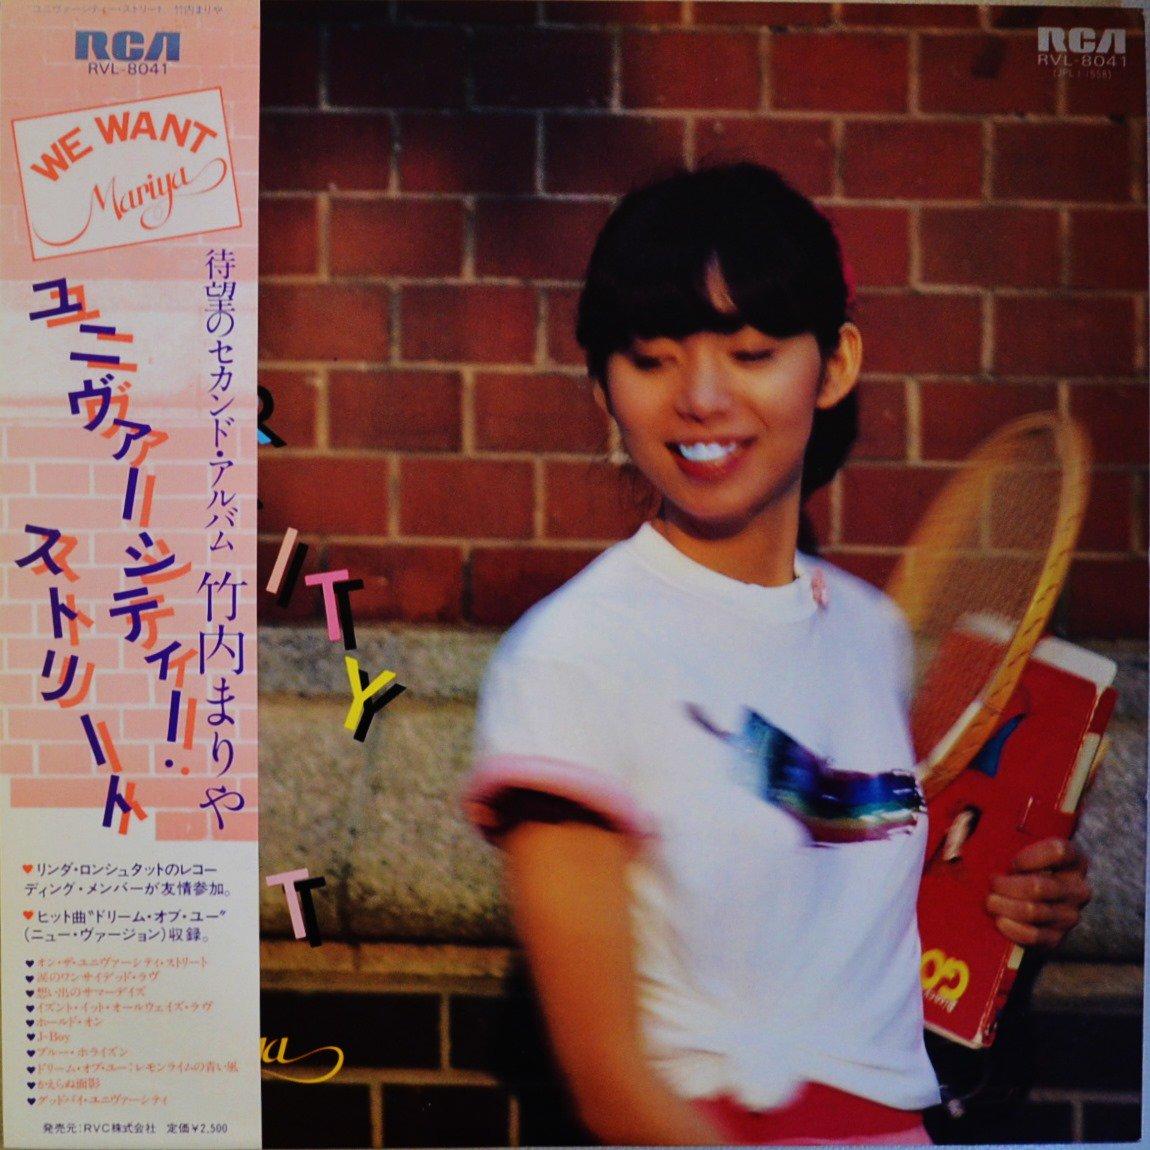 竹内まりや MARIYA TAKEUCHI / ユニヴァーシティー・ストリート UNIVERSITY  STREET (LP)